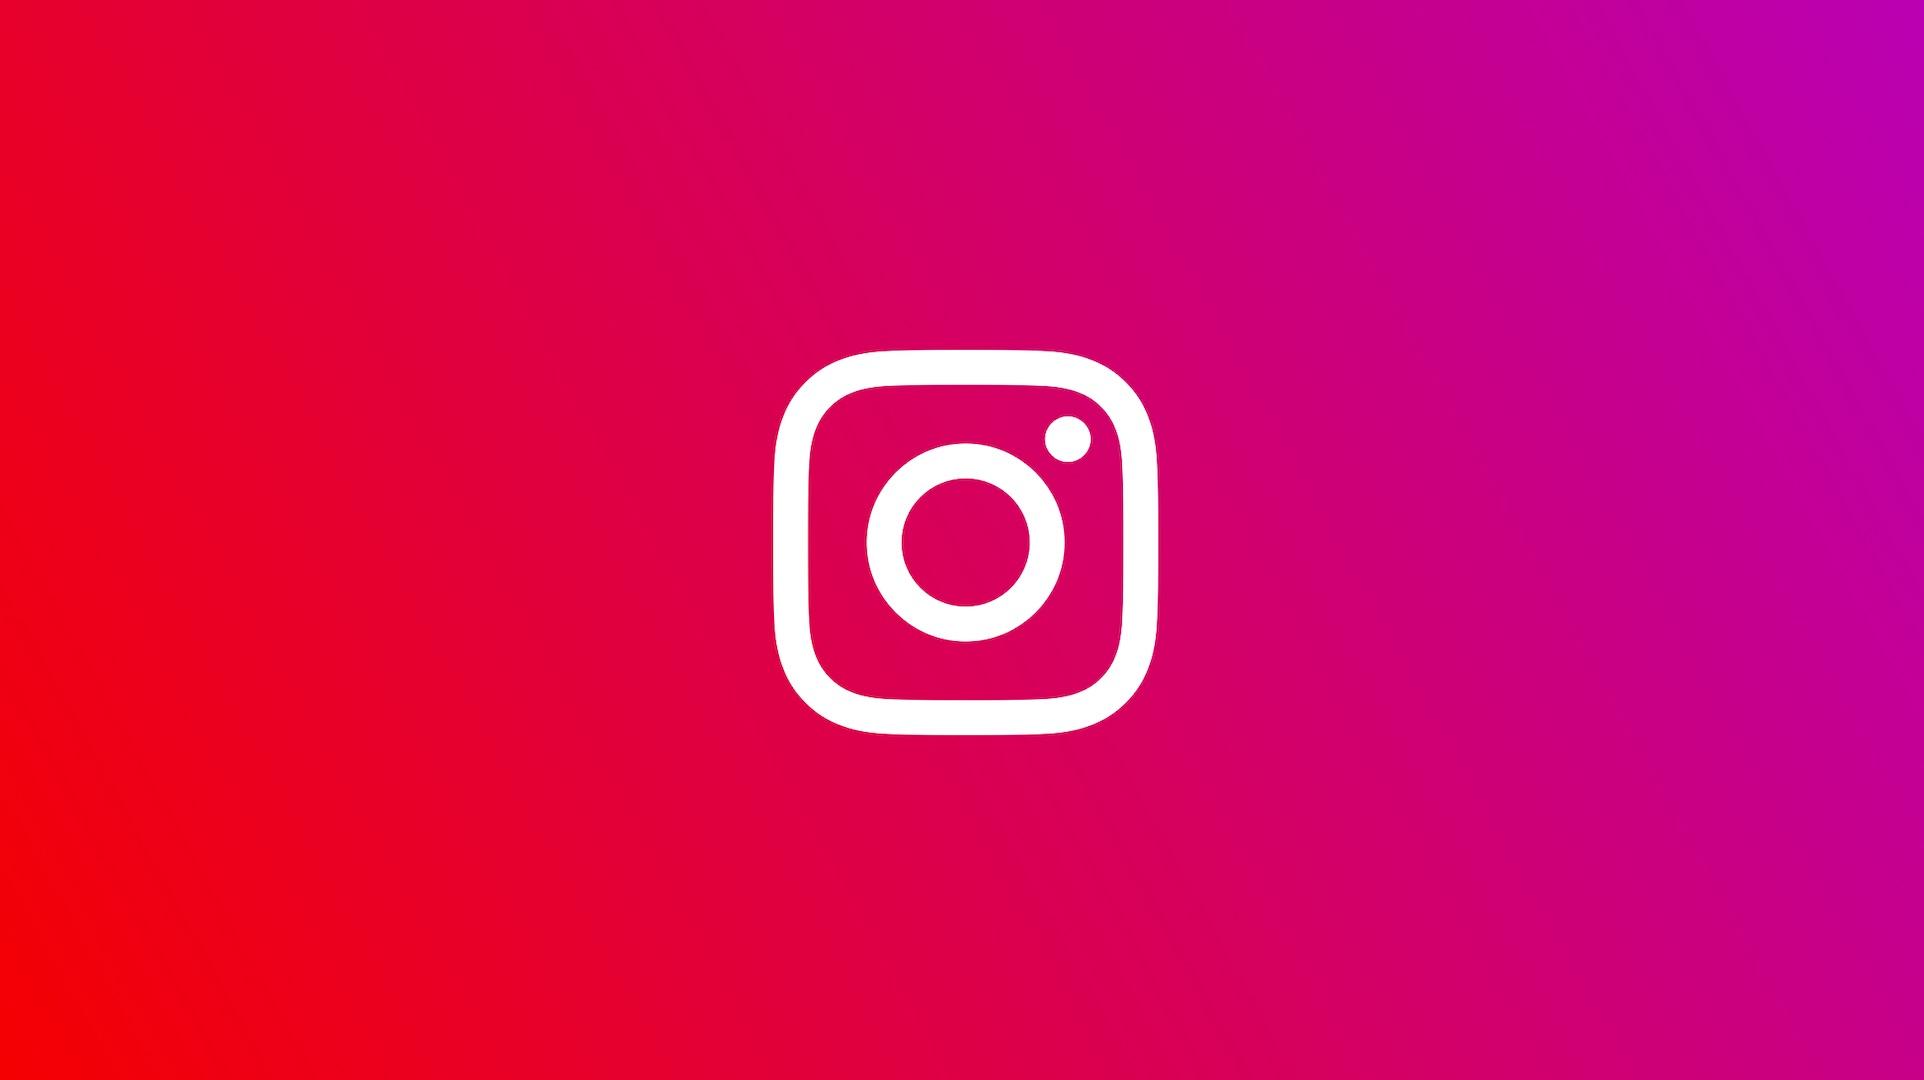 Pour pirater des comptes Instagram, les chercheurs n'avaient besoin que d'une image